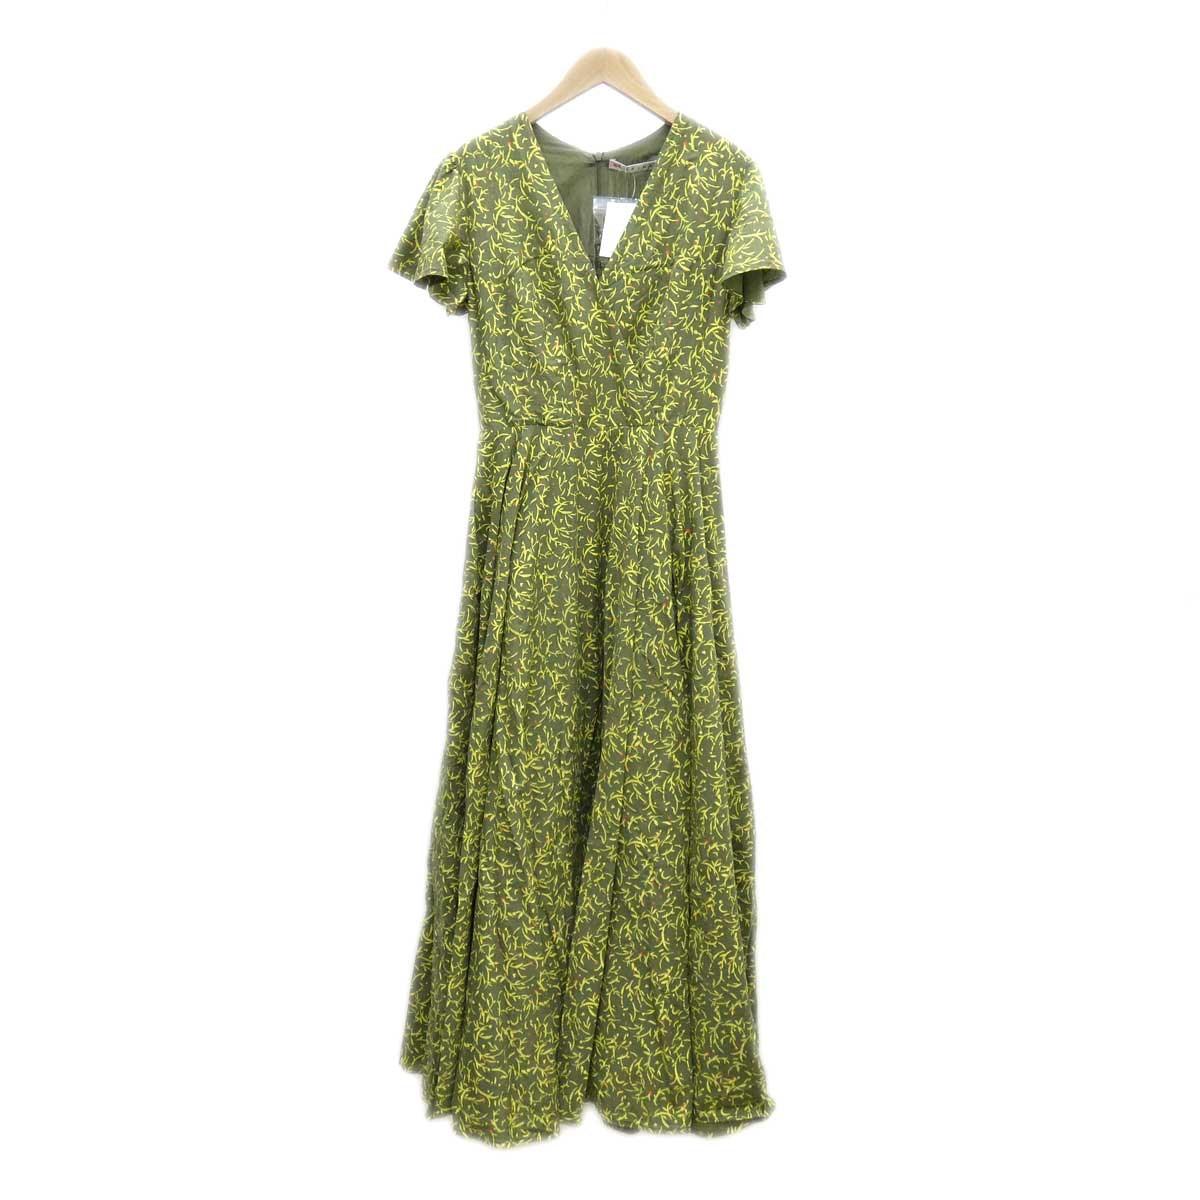 【中古】MARIHA マドモアゼルのドレス イエロー サイズ:36 【290420】(マリハ)